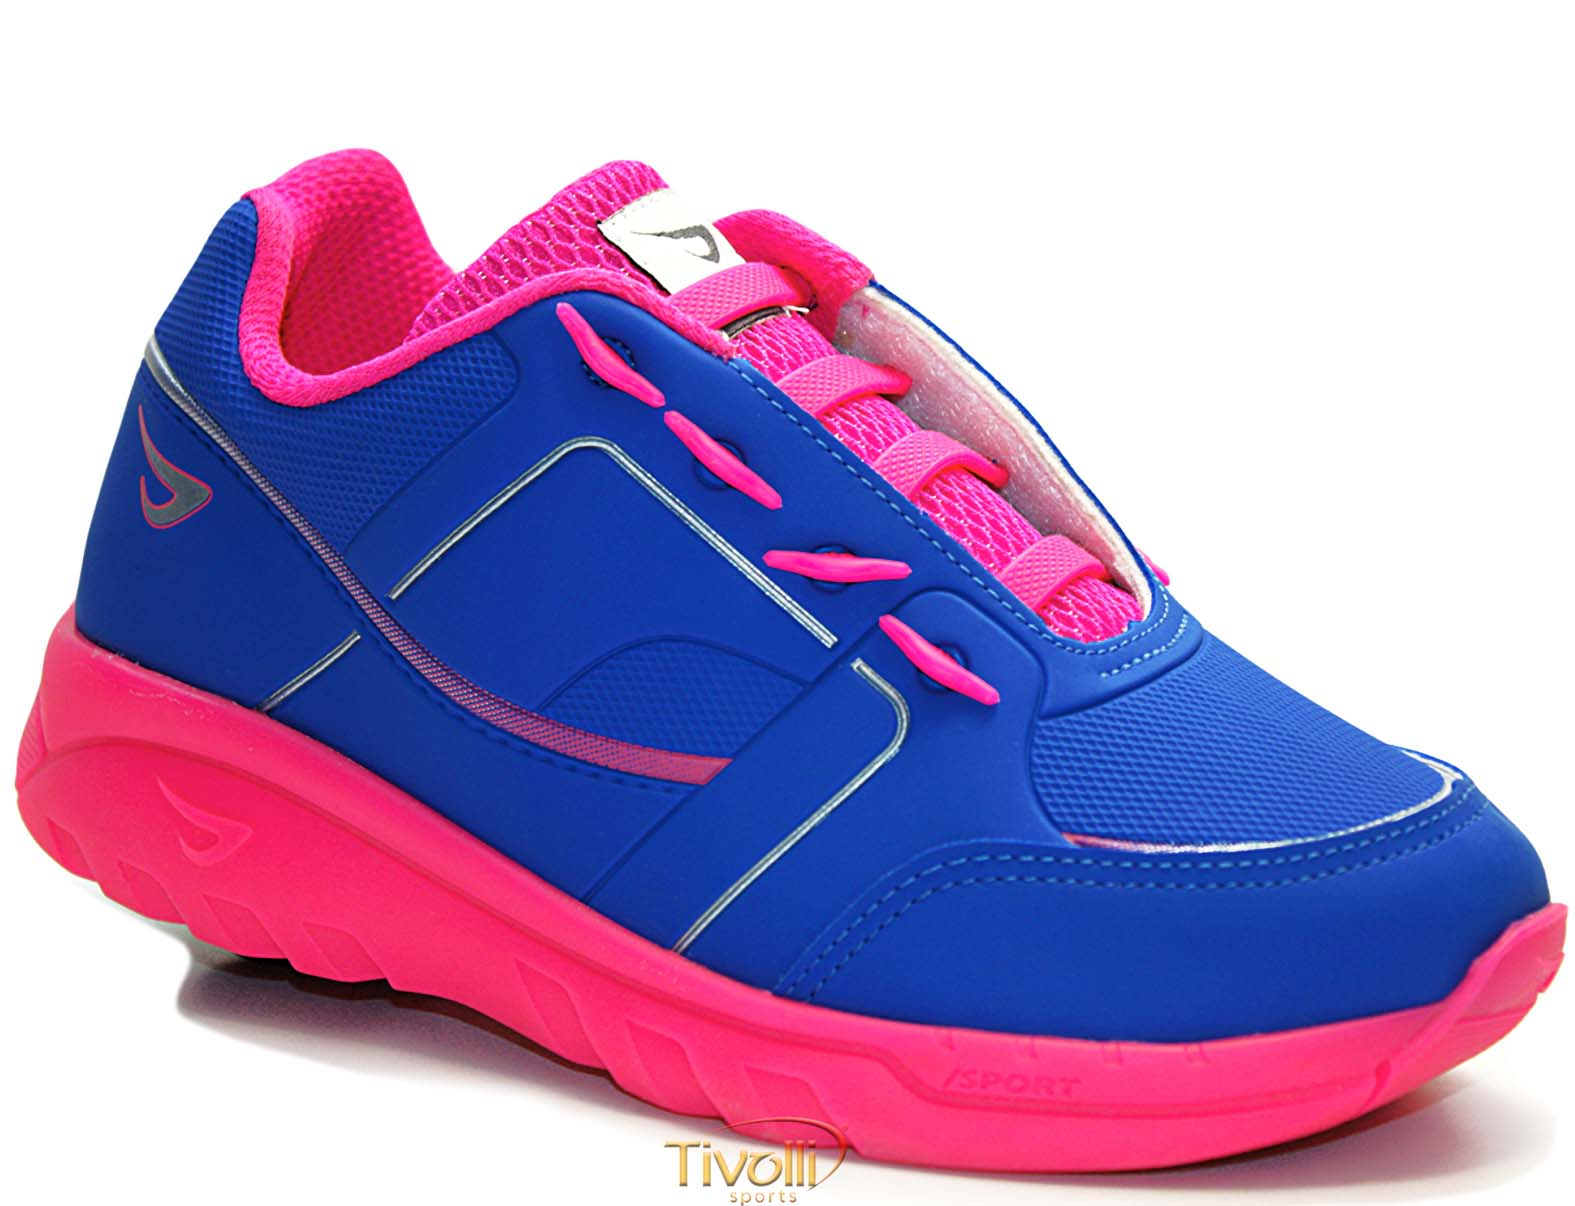 a01495853 Tênis de Rodinha Ortopé Estica e Puxa > feminino azul e rosa pink >